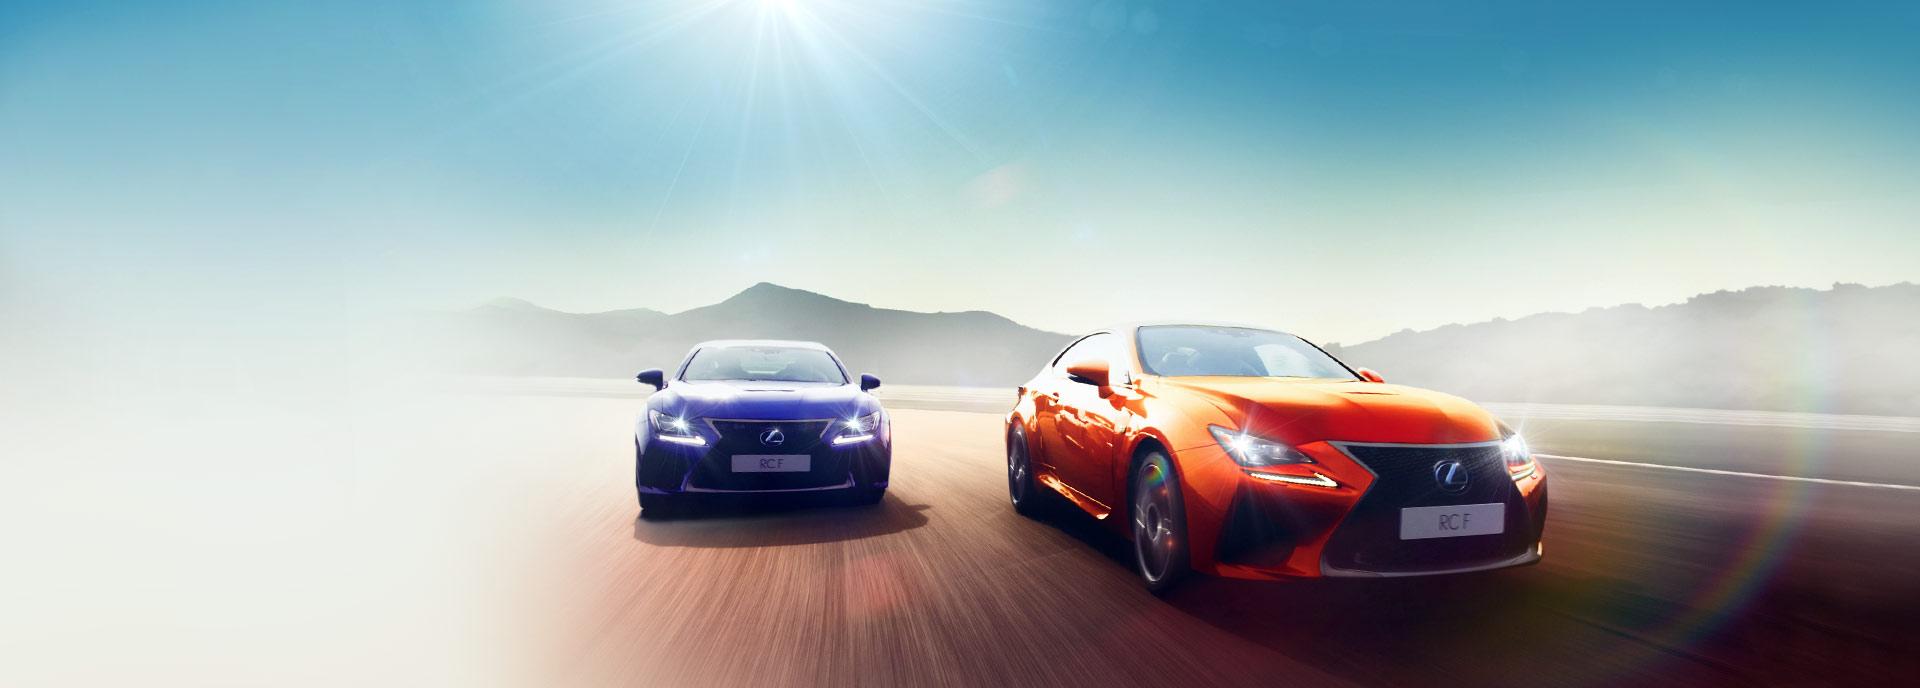 sininen ja oranssi Lexus RC F